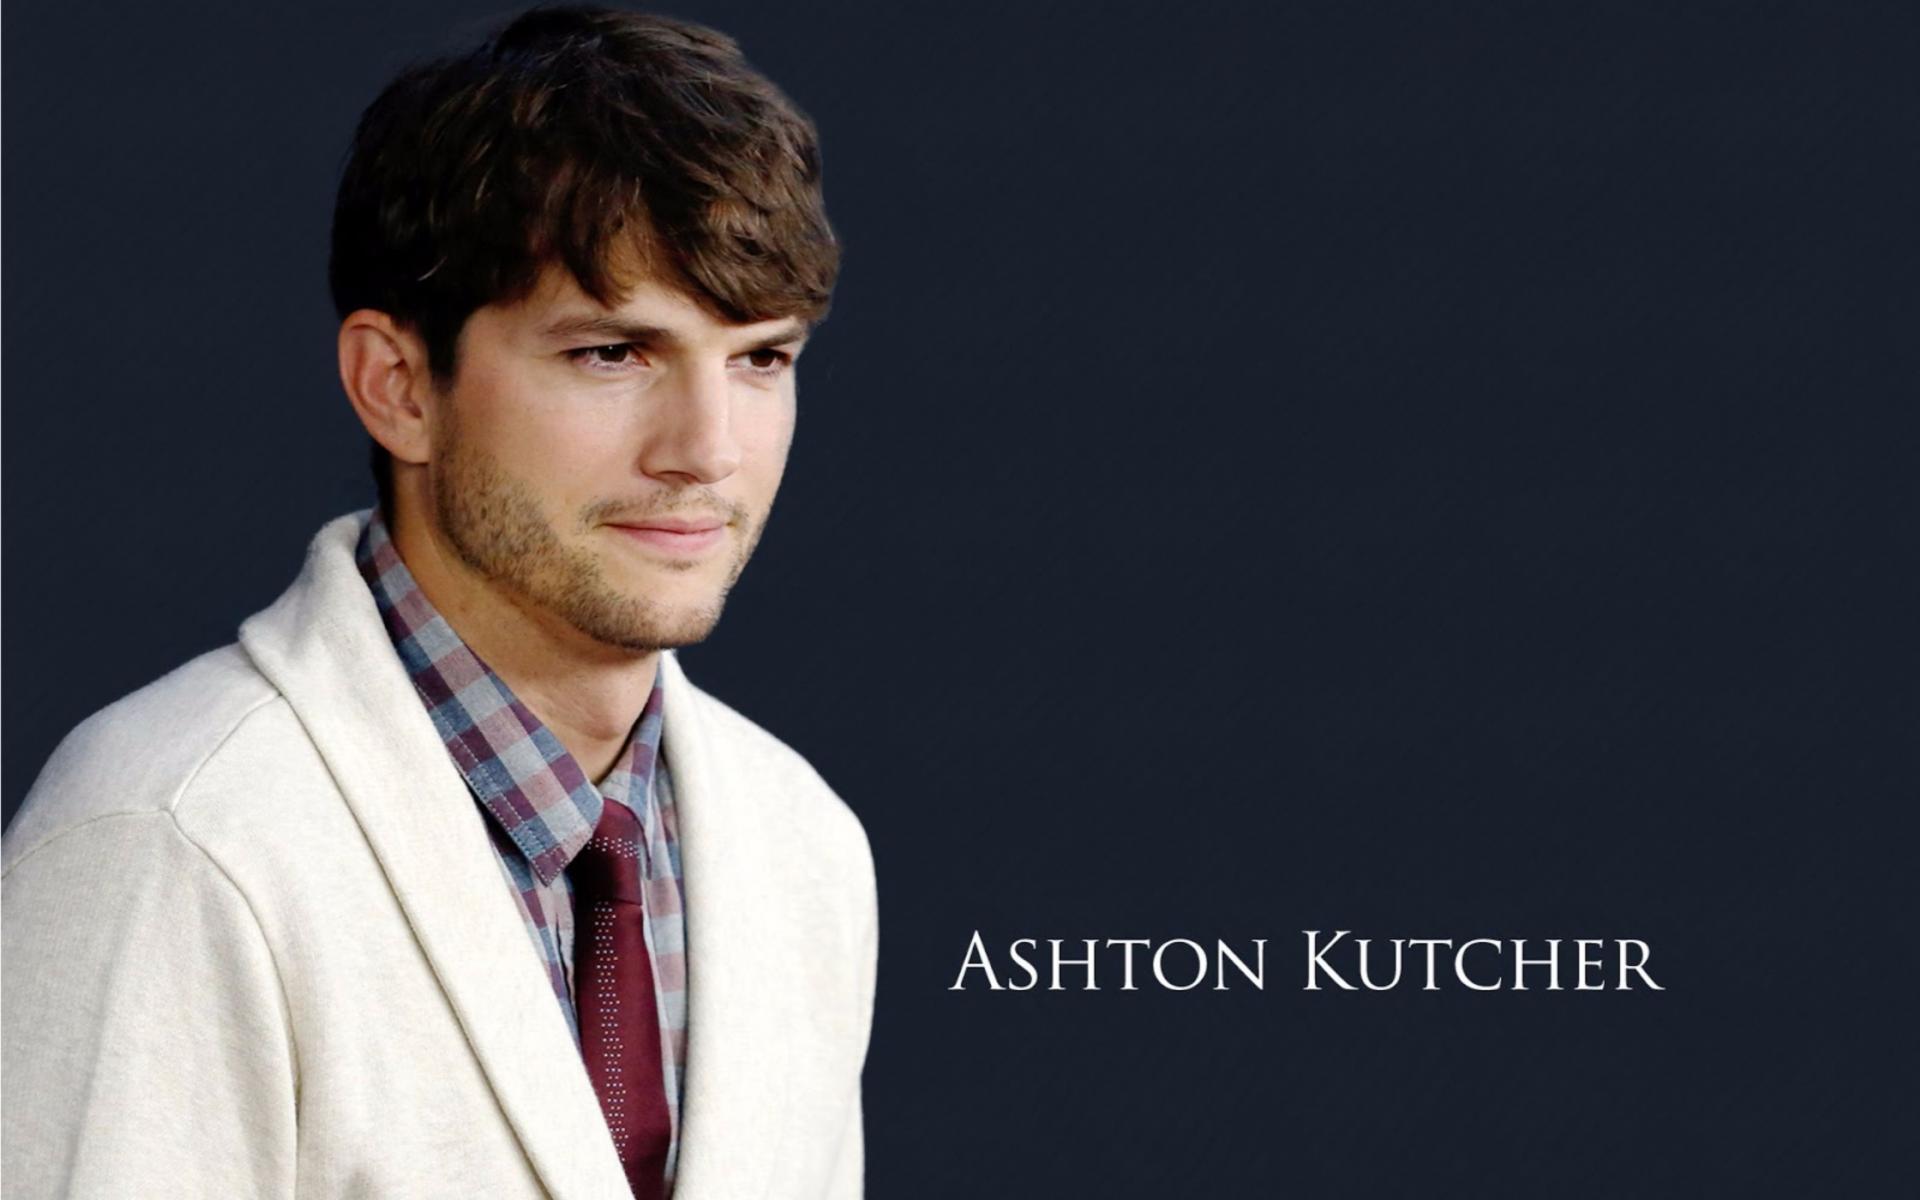 Ashton Kutcher Wallpaper 16   3840 X 2160 stmednet 1920x1200